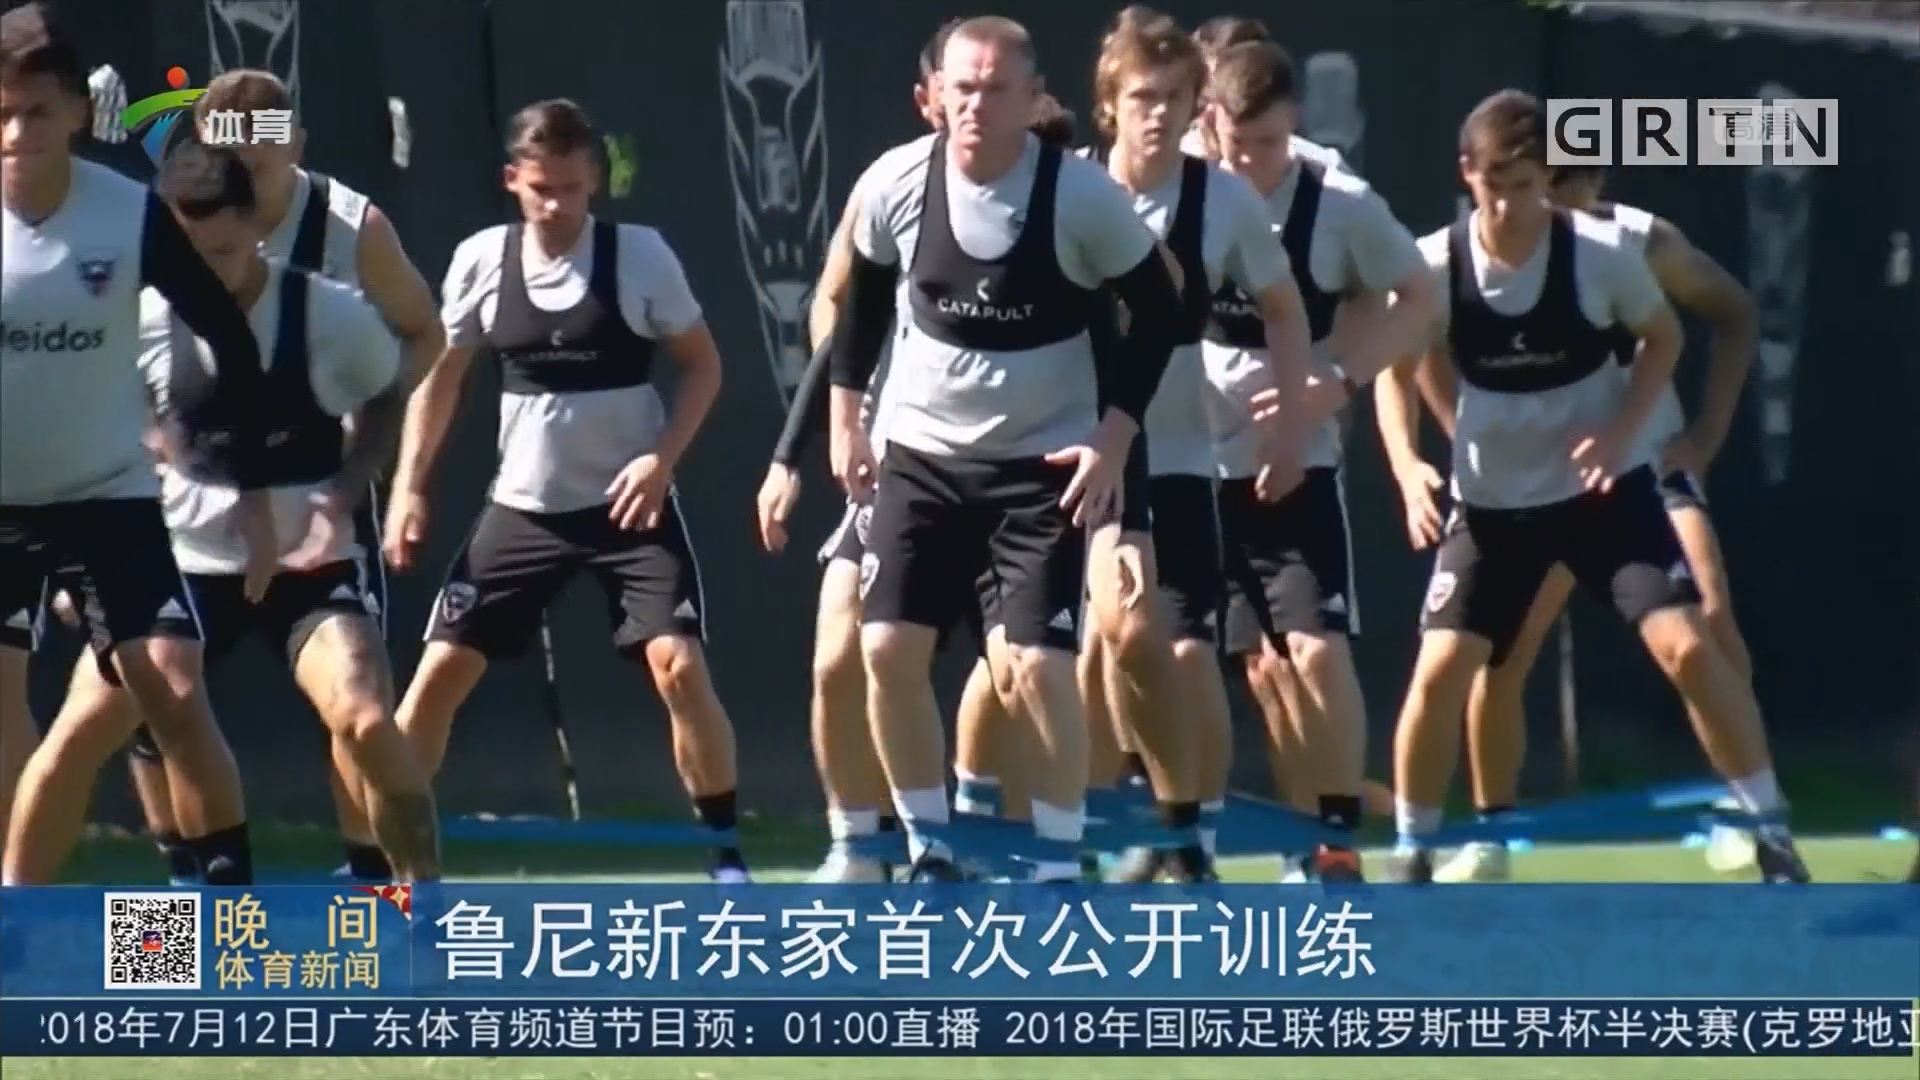 鲁尼新东家首次公开训练